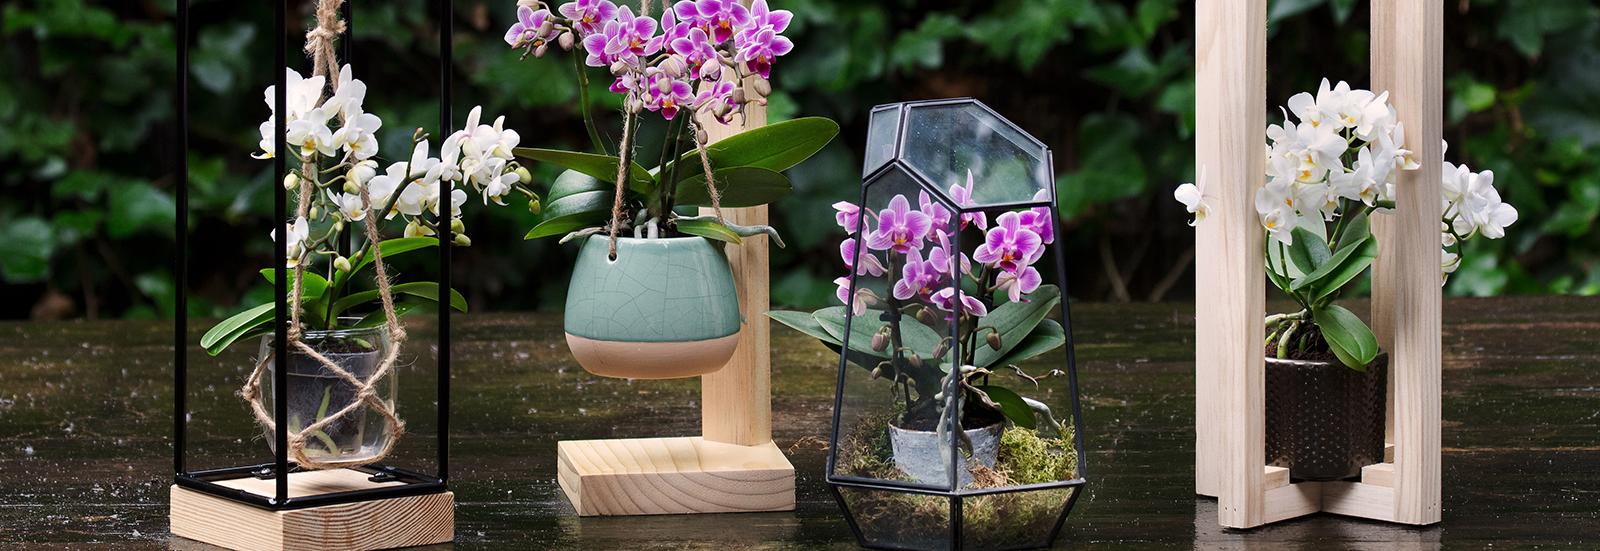 De vier nieuwe Trésor frames waarmee de Living Collection by Artisan is uitgebreid.